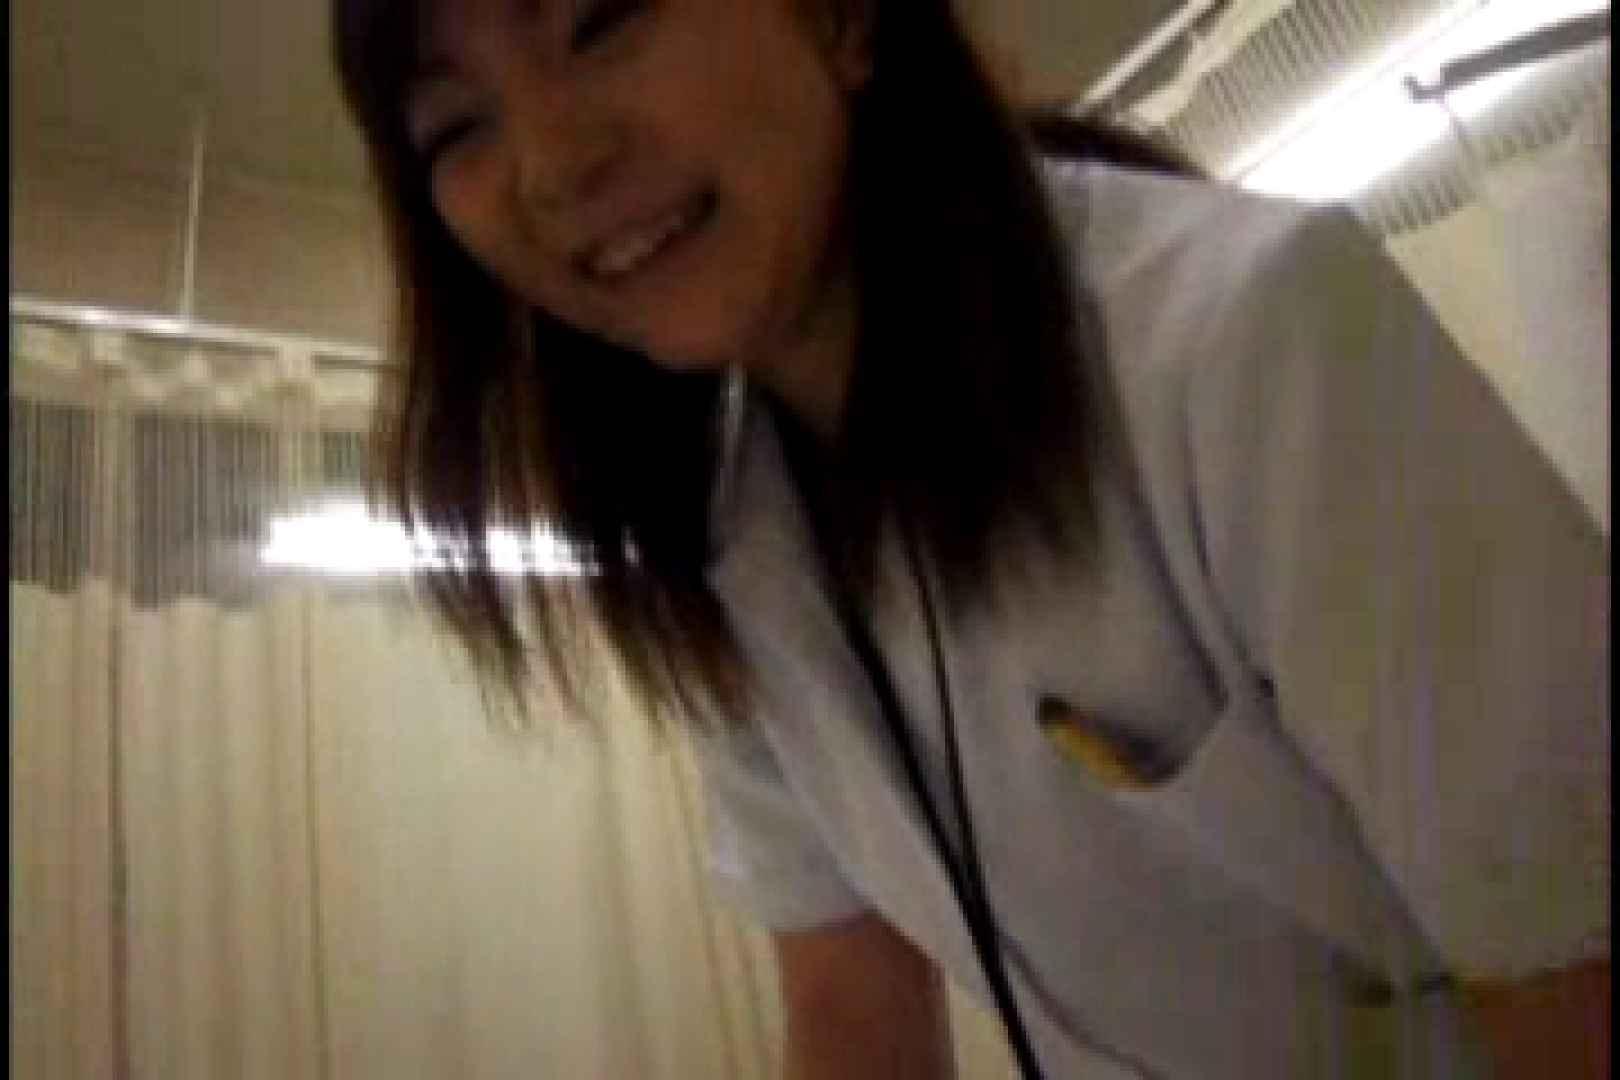 ヤリマンと呼ばれた看護士さんvol1 一般投稿 戯れ無修正画像 112pic 20